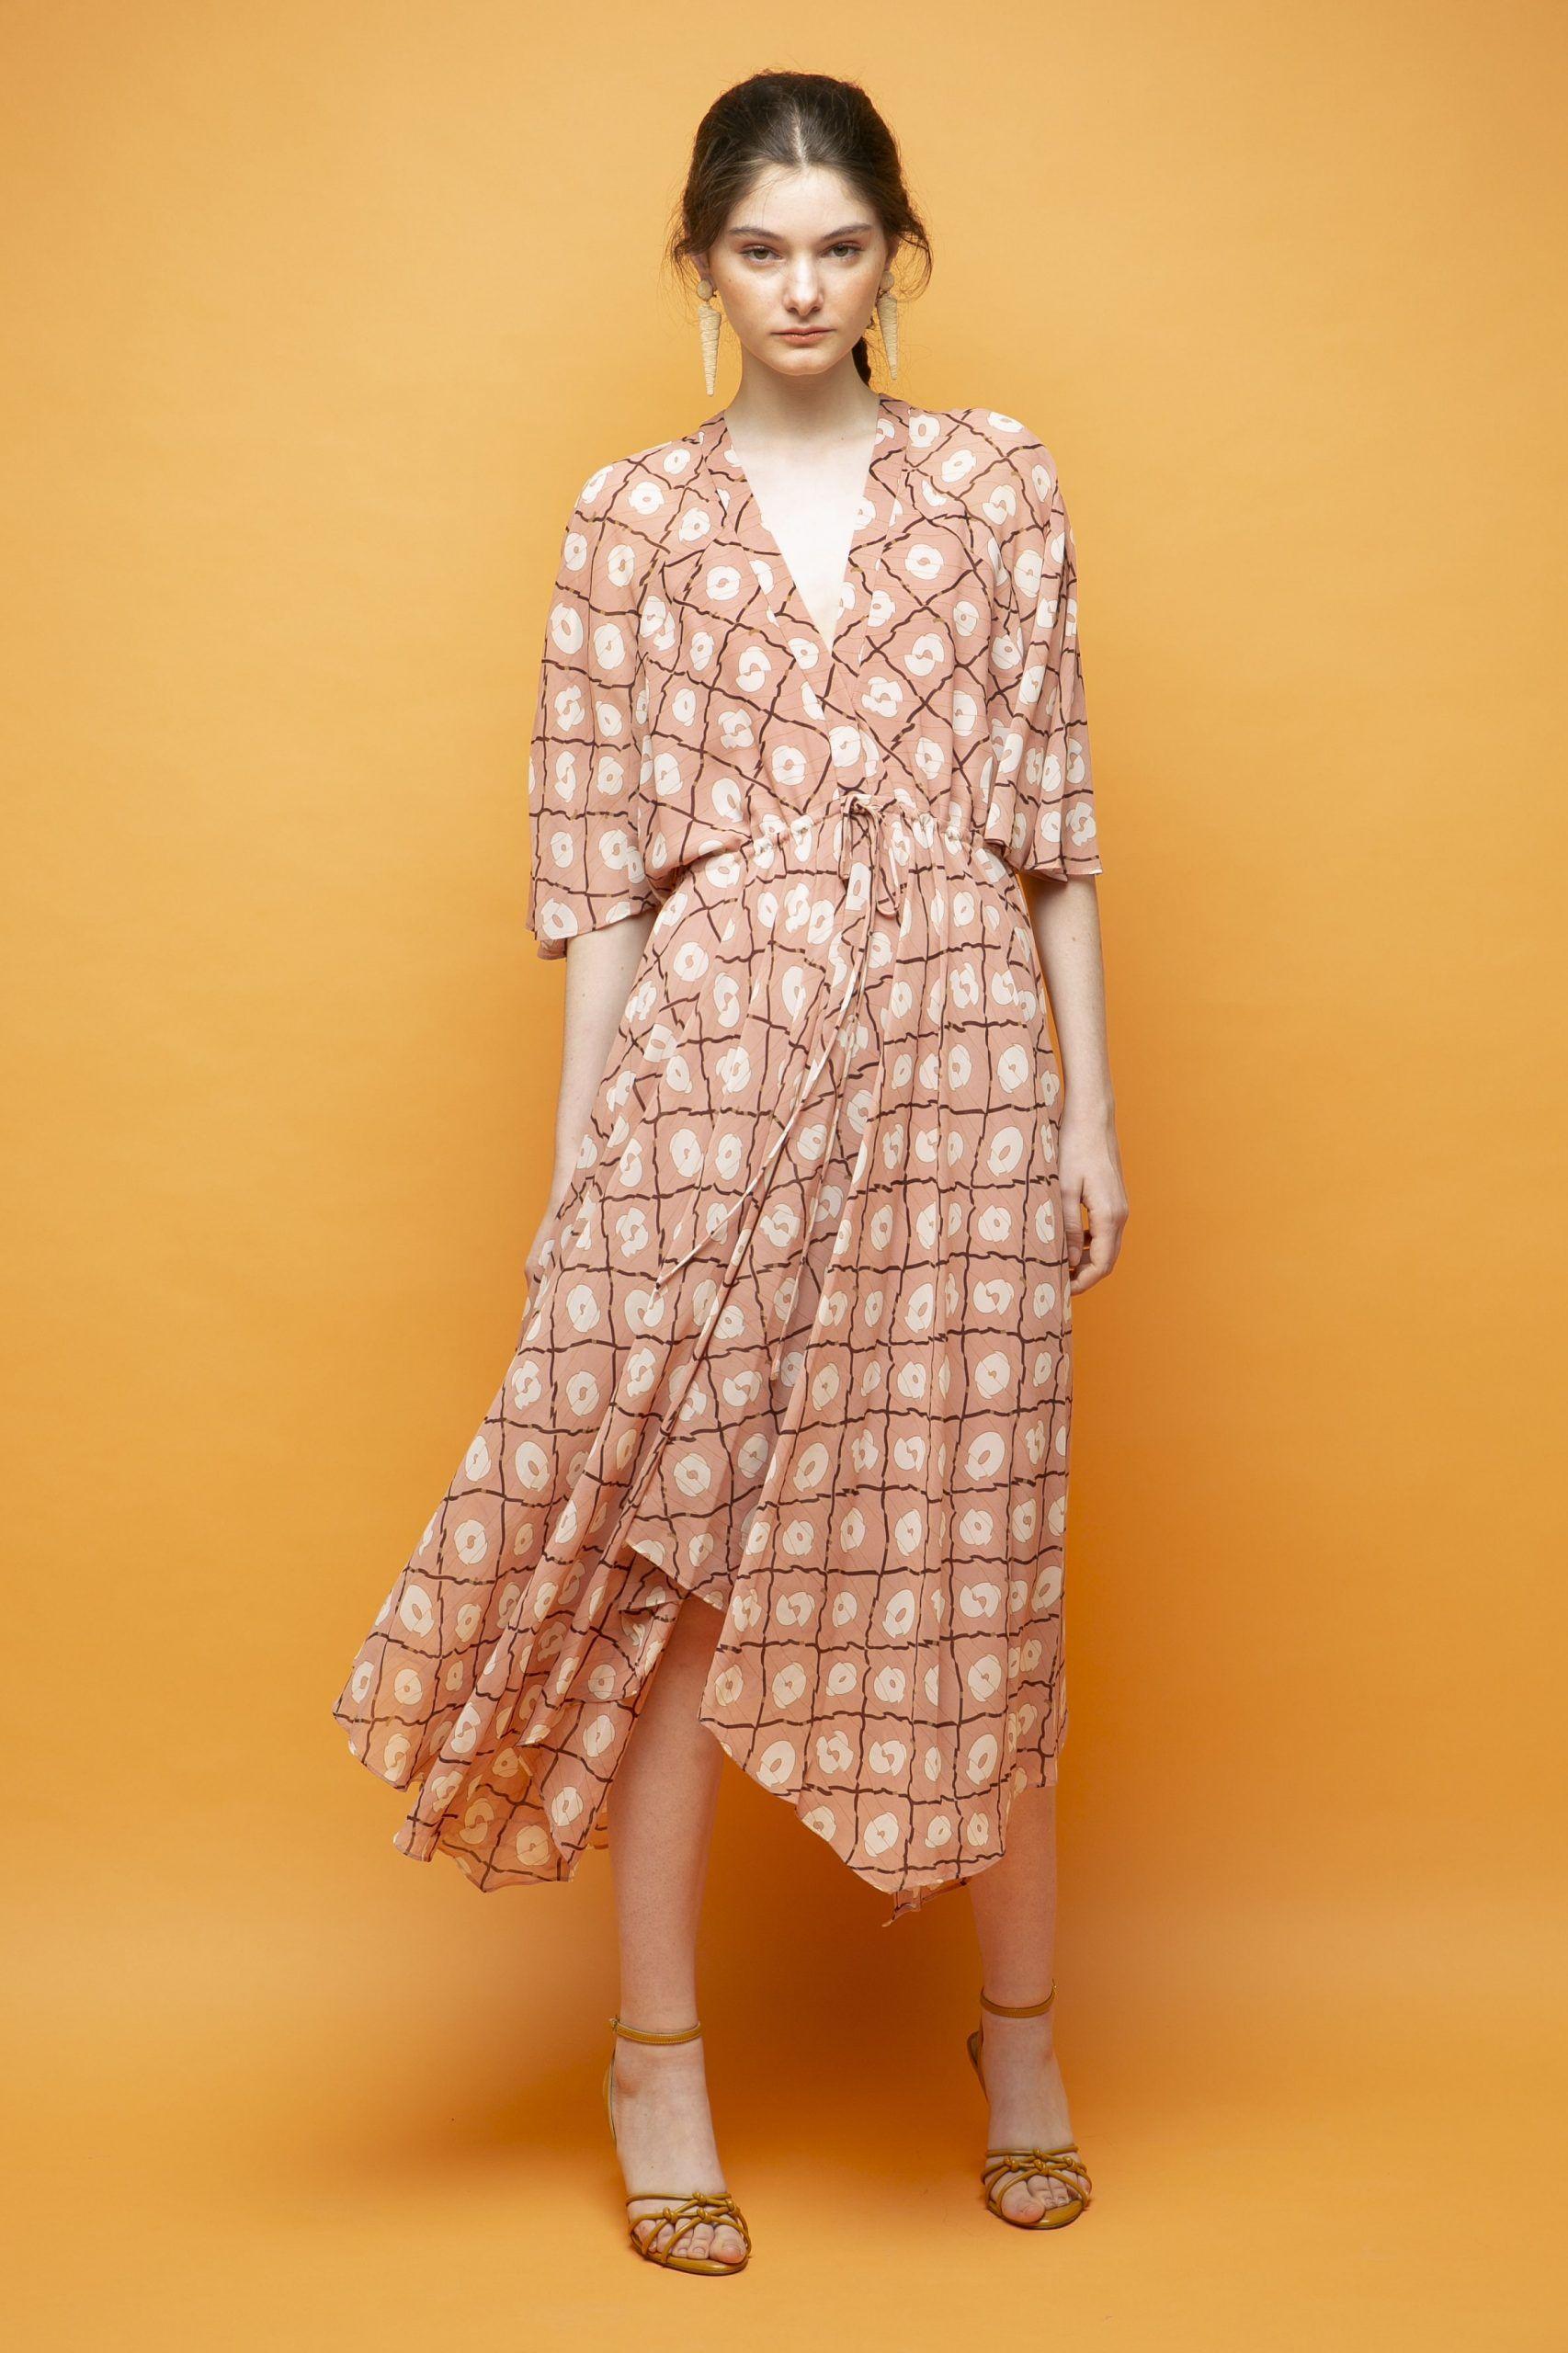 Alexis-Venla-vestido-1